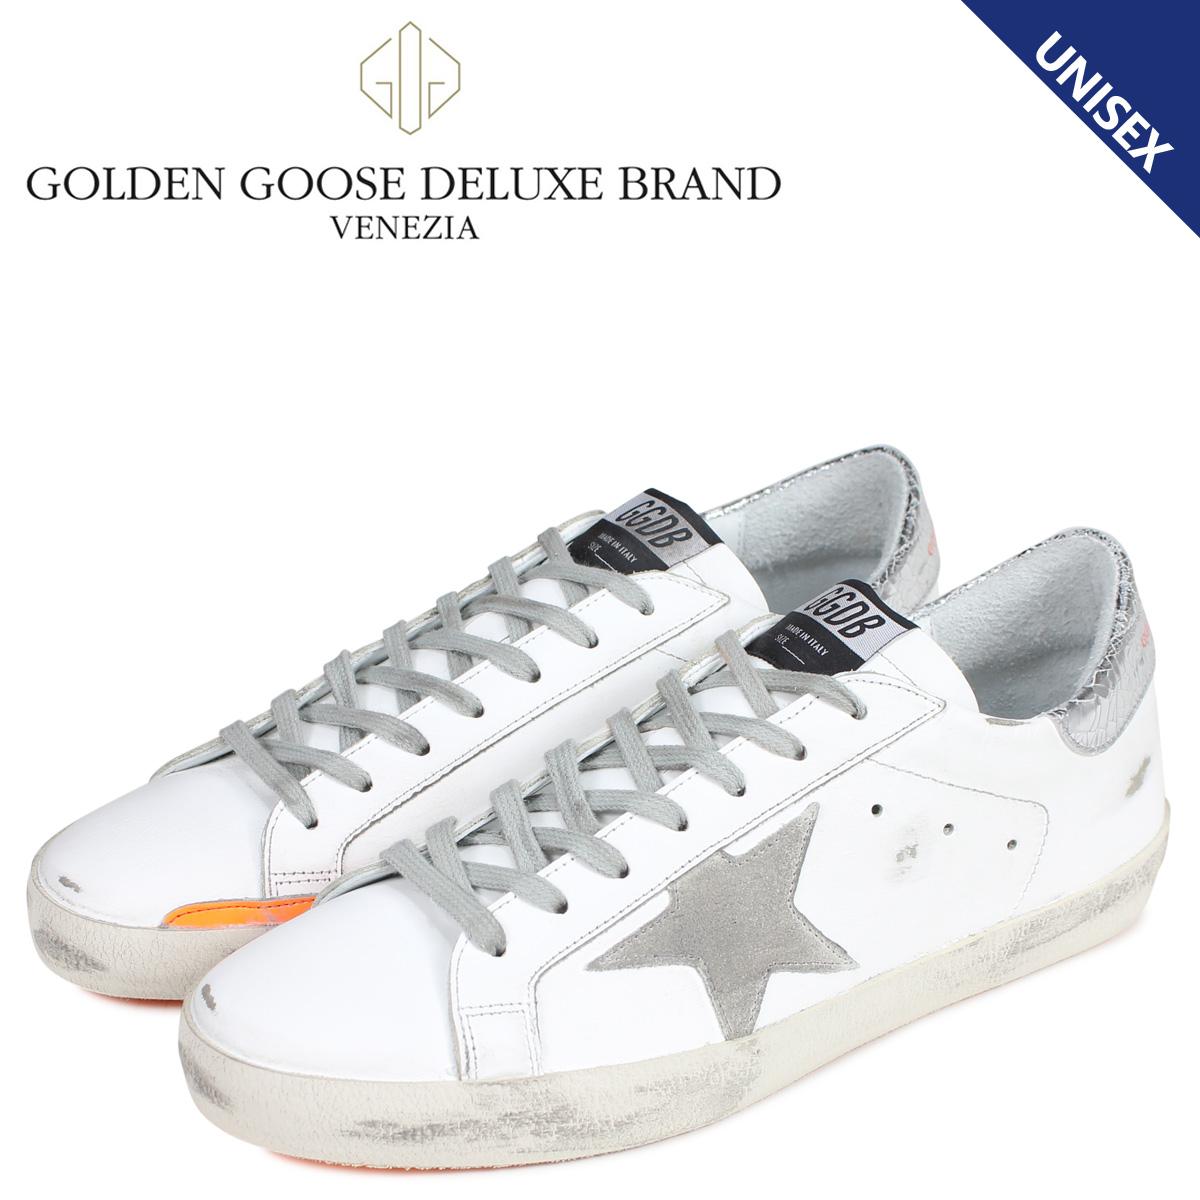 Golden Goose ゴールデングース スーパースター スニーカー メンズ レディース SUPERSTAR ホワイト 白 G34MS590 M38